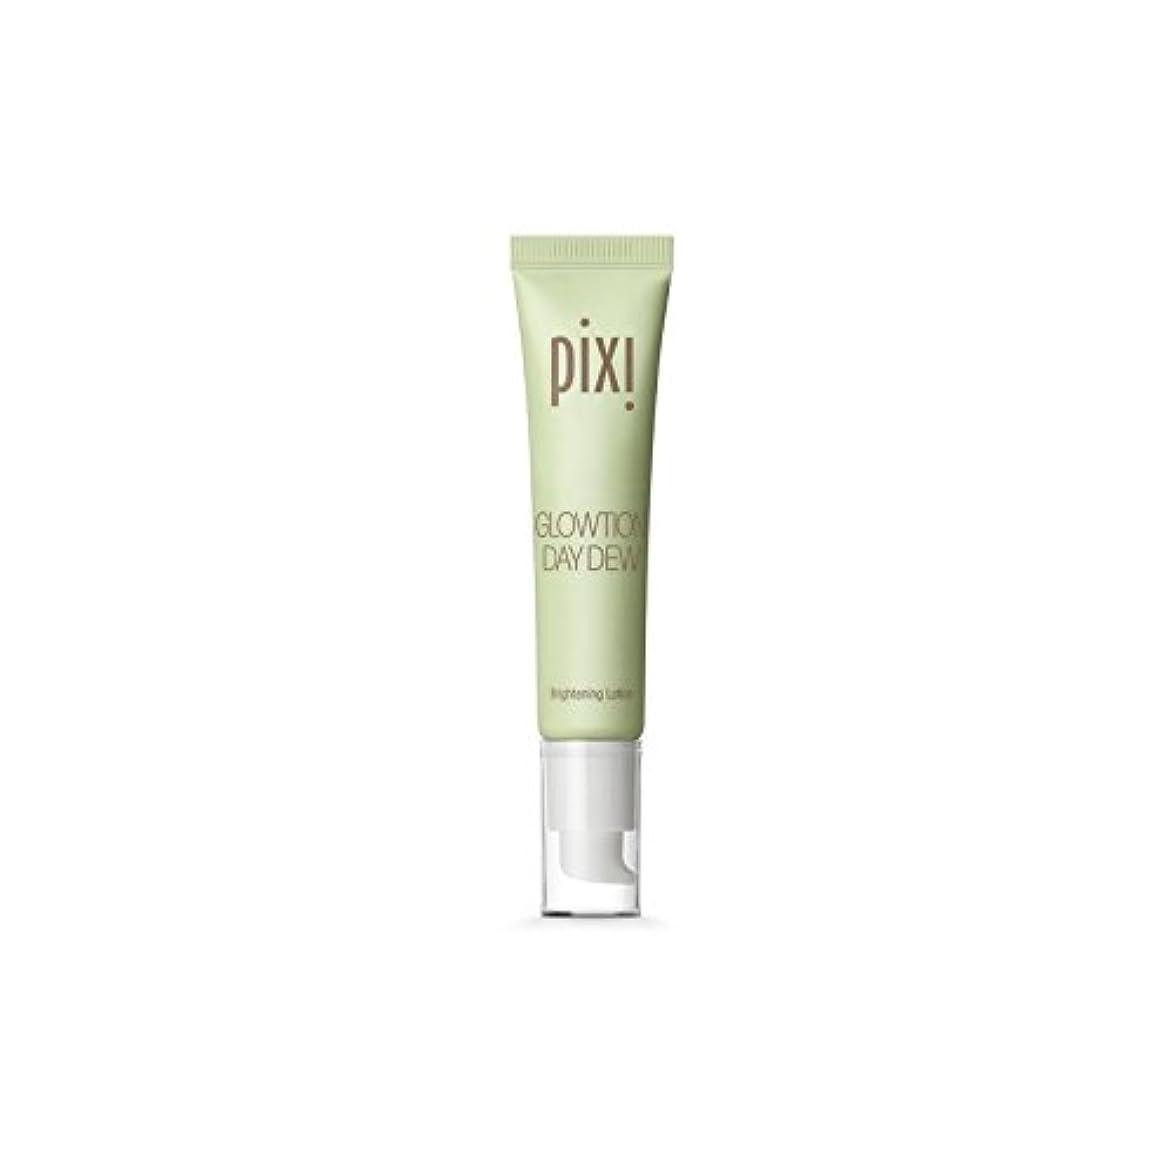 絶壁ベーカリーどっちでも日露 x4 - Pixi Pixi Glowtion Day Dew (Pack of 4) [並行輸入品]